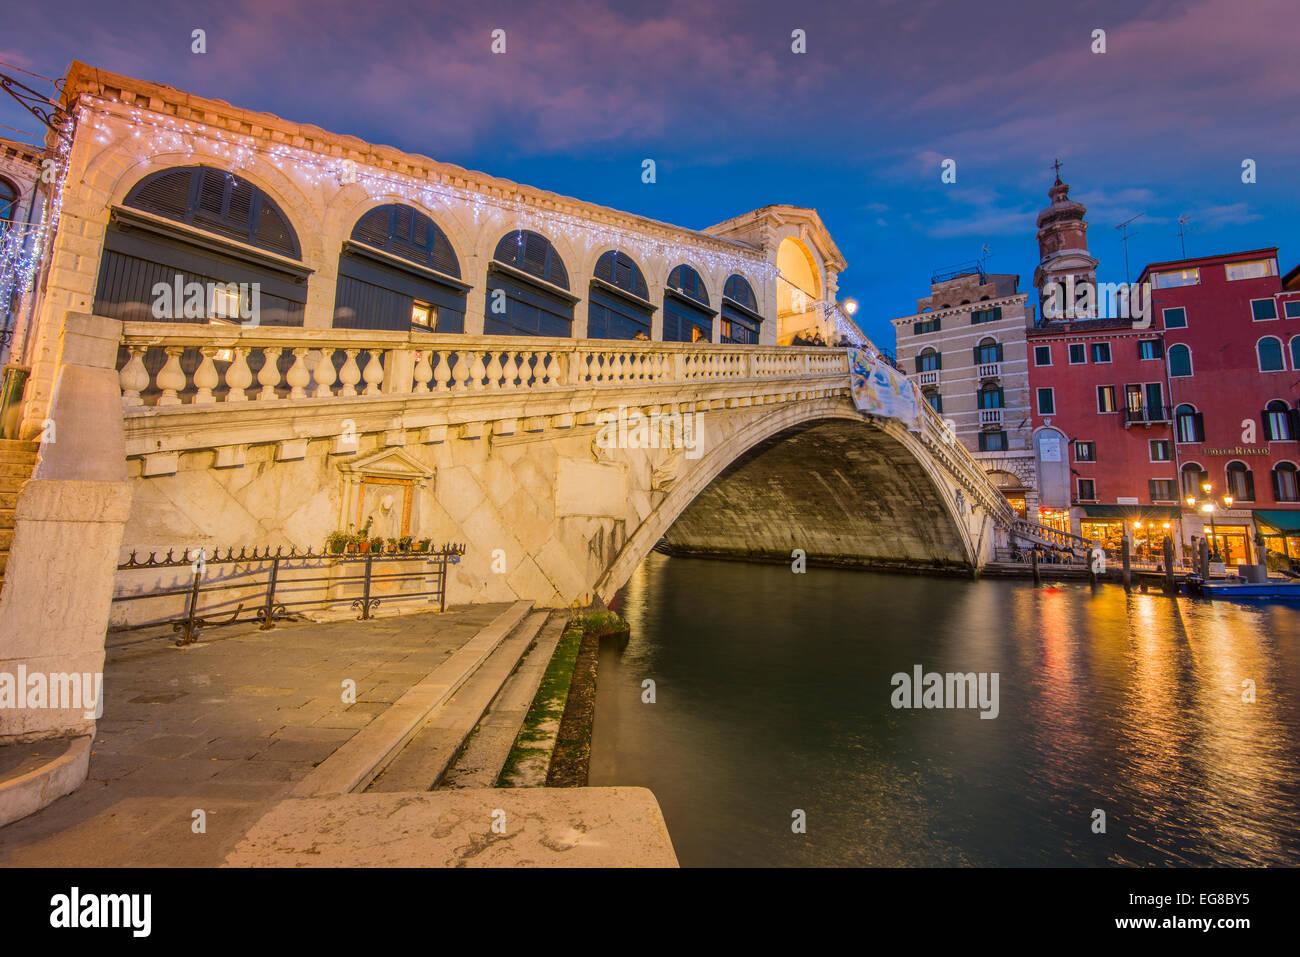 Rialto Bridge at dusk, Venice, Veneto, Italy - Stock Image